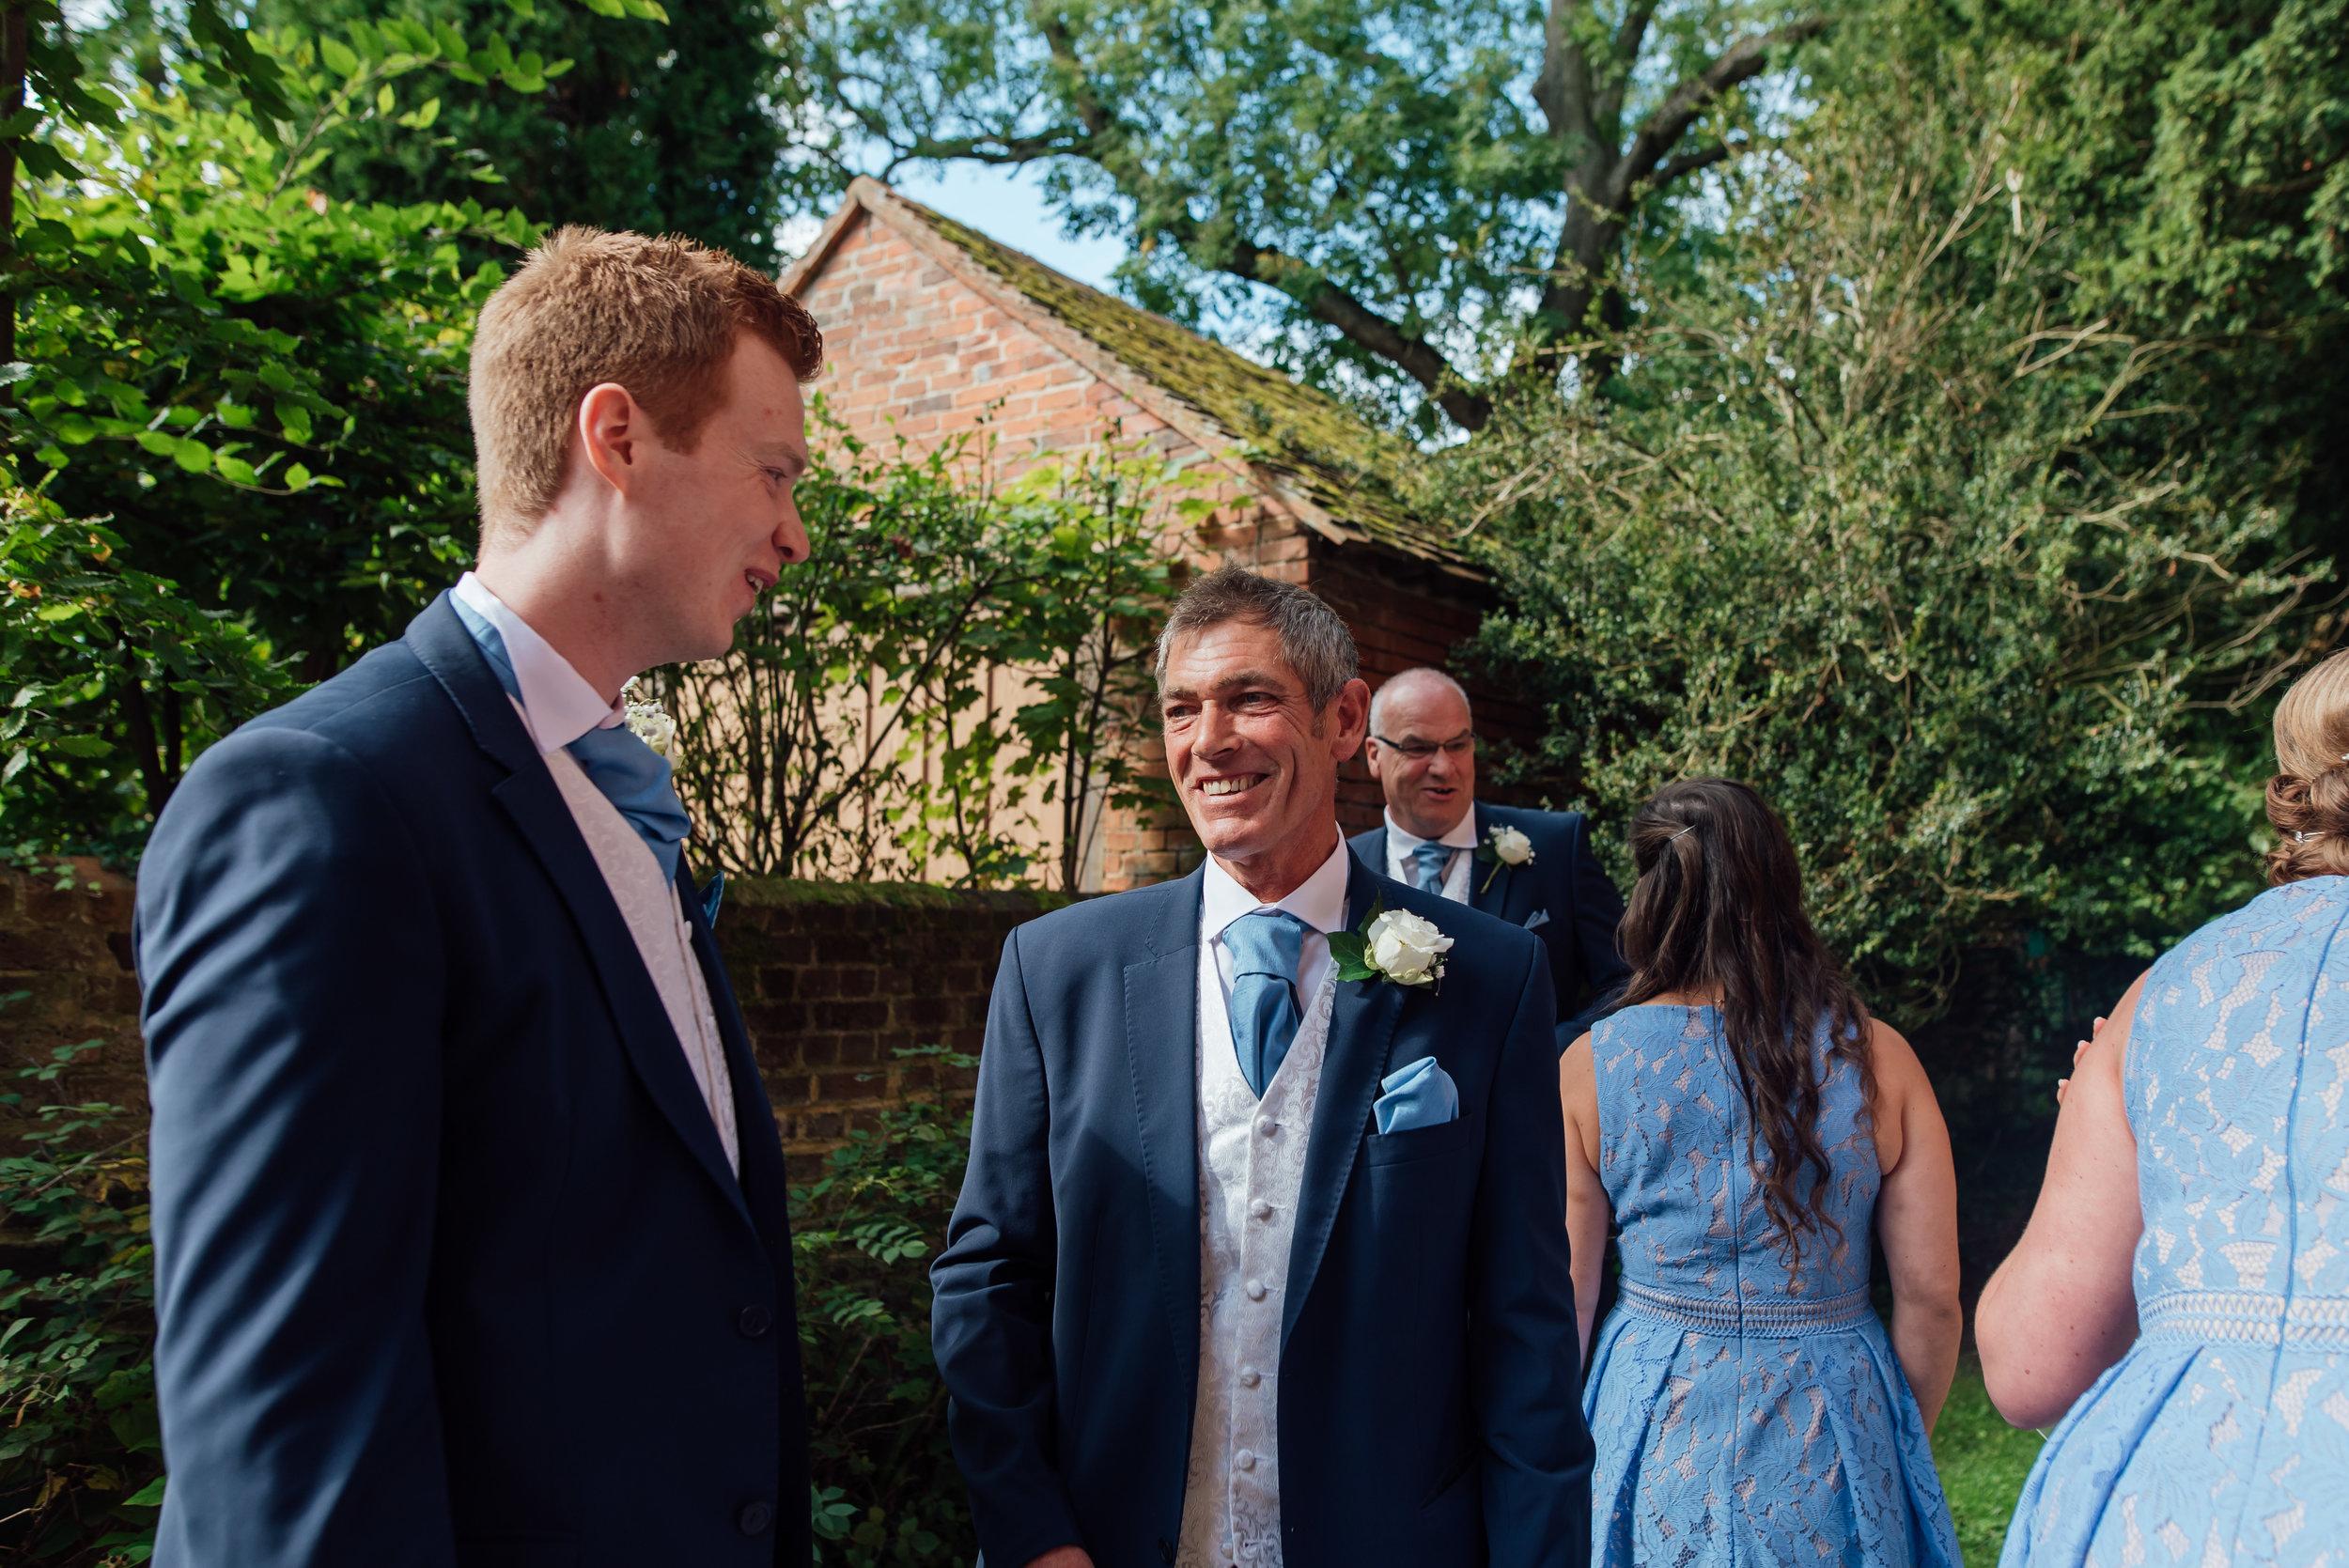 wedding-photographer-hampshire / rotherwick-village-hall-wedding-hampshire / Amy-james-photogaphy